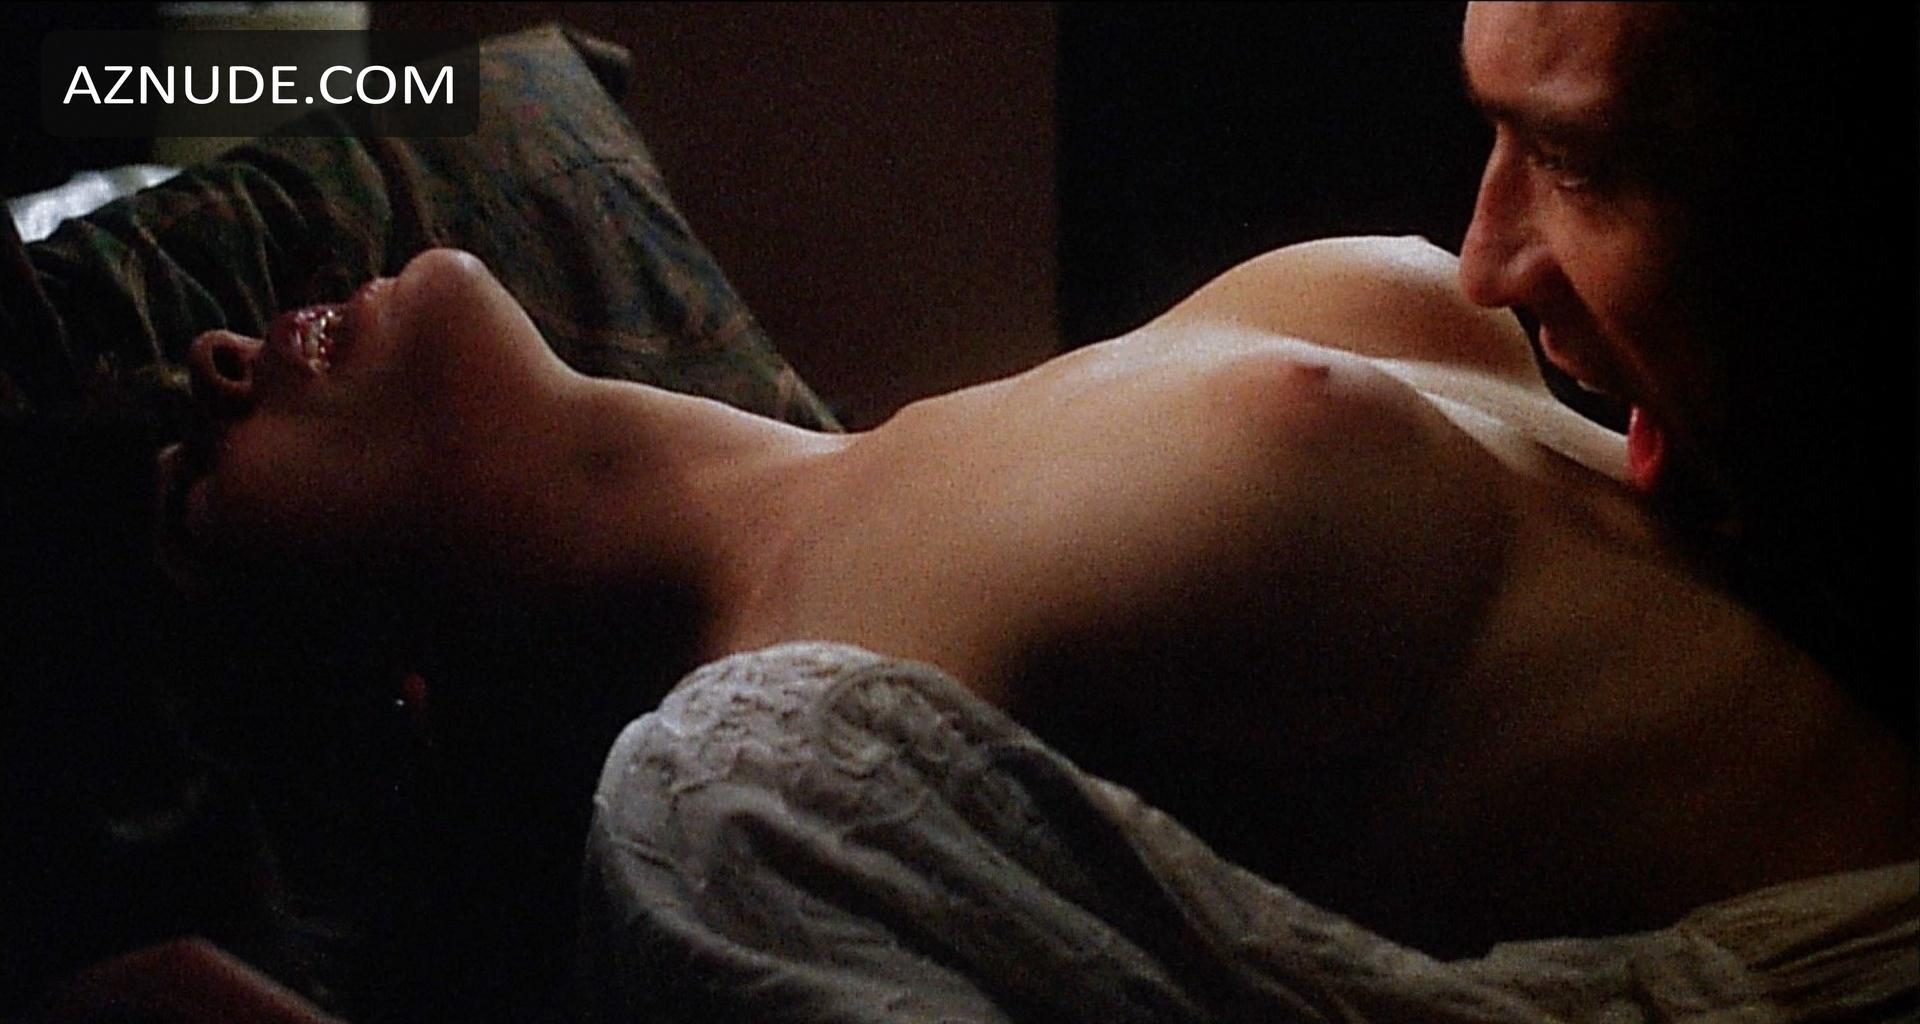 Hot vampire sex scenes